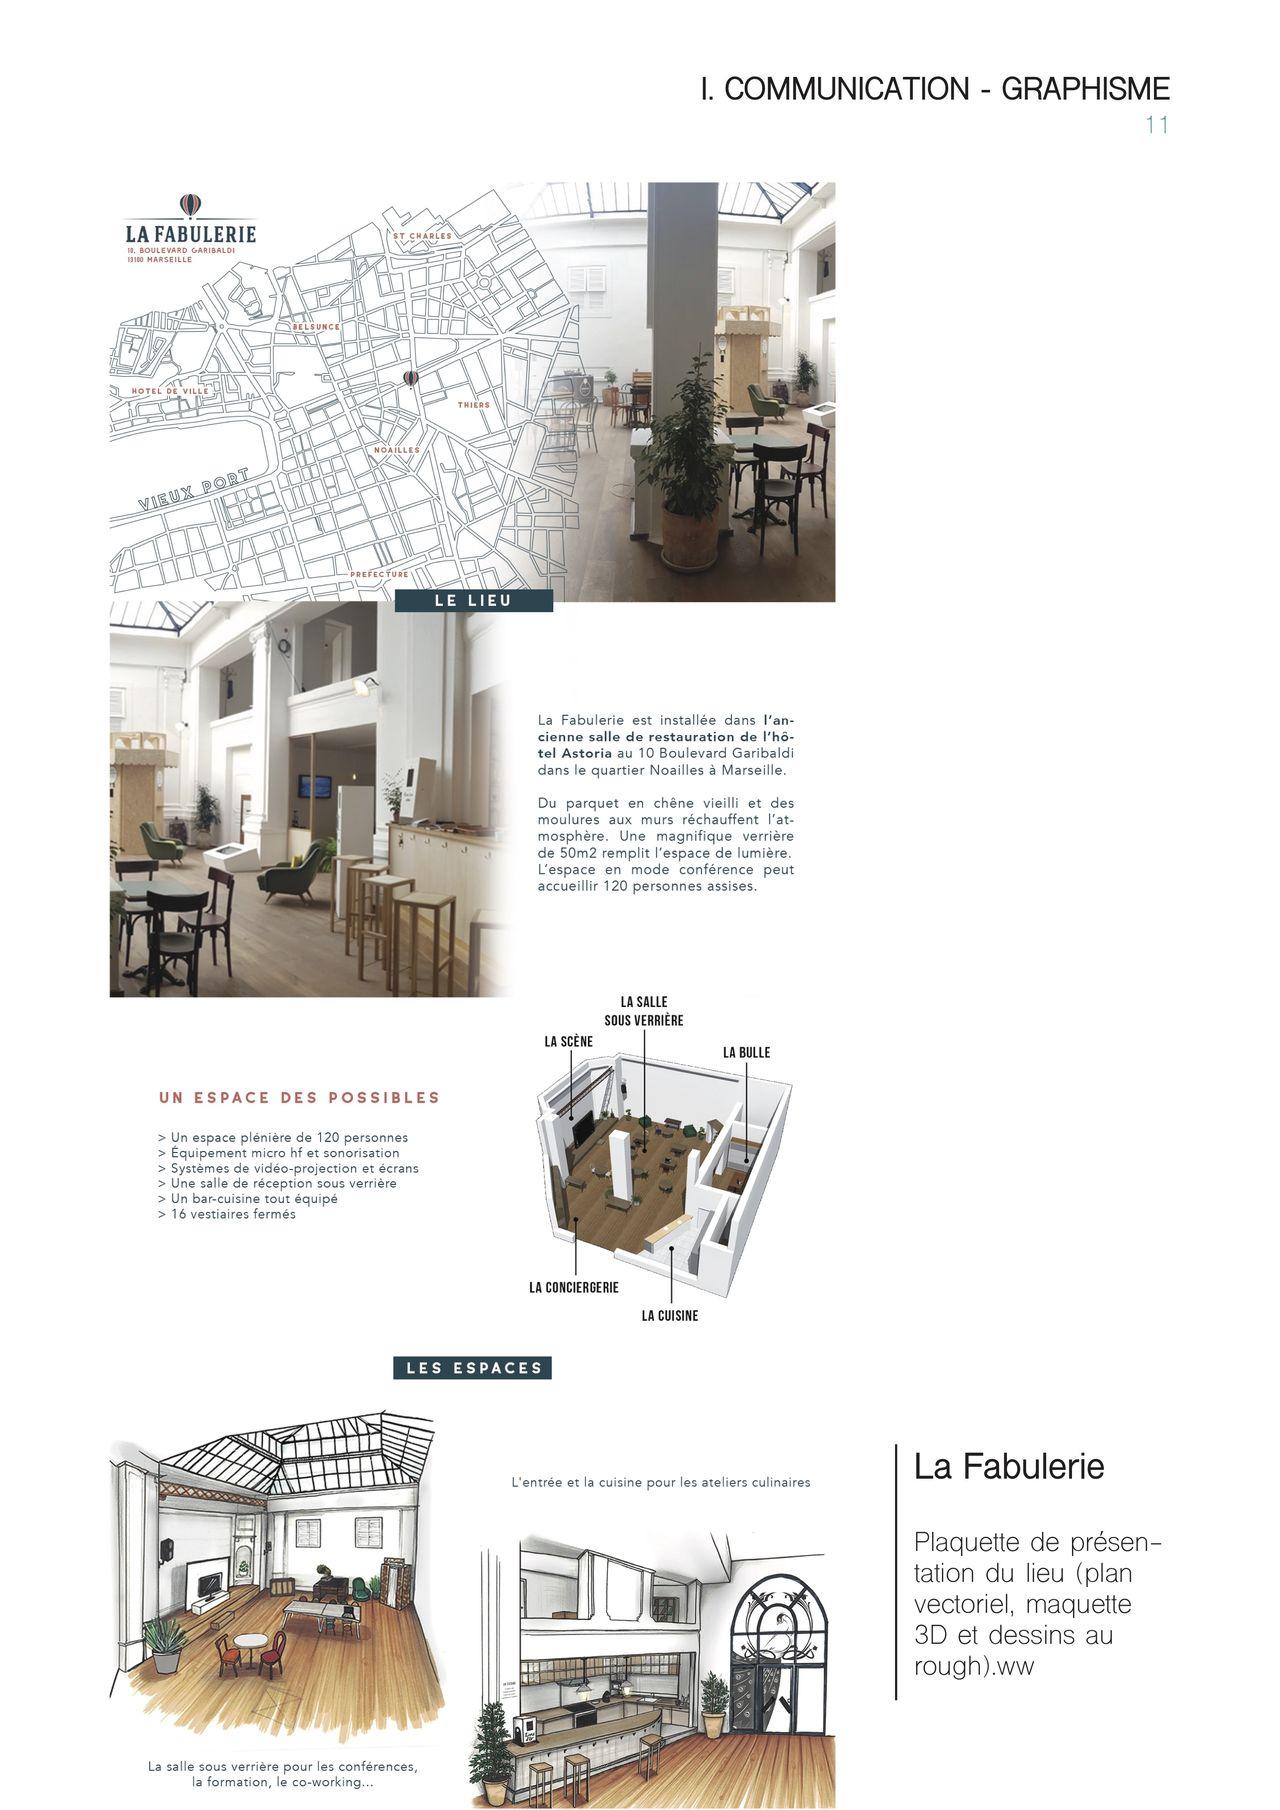 Mise en page design pour La Fabulerie